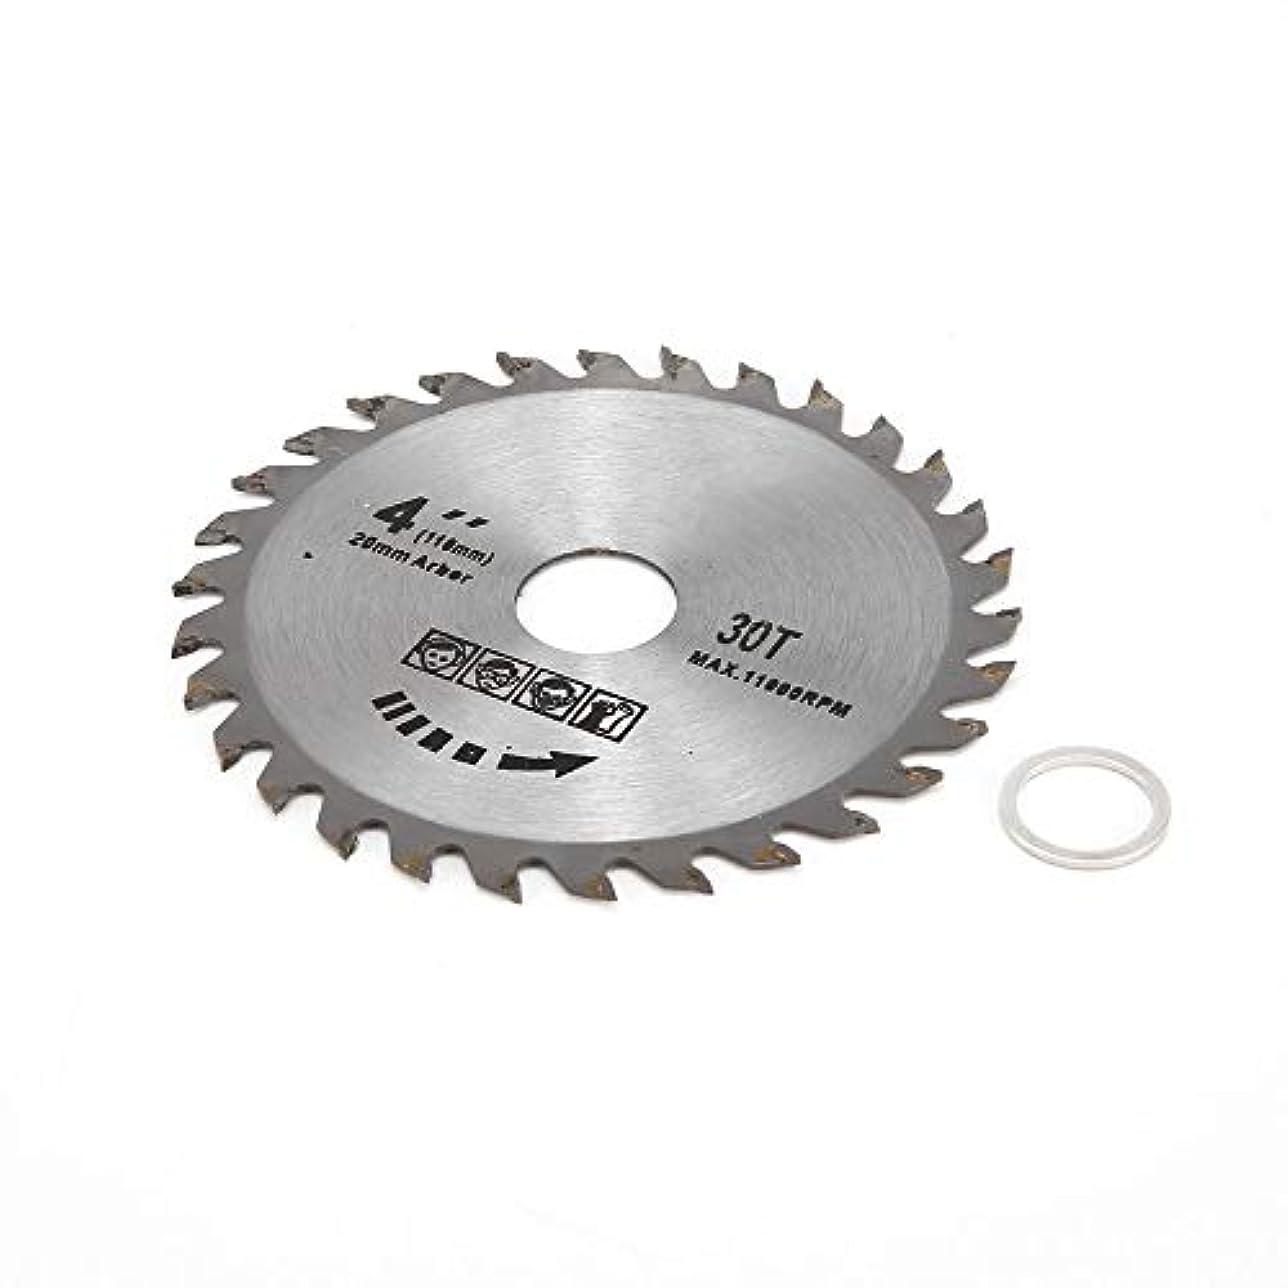 破裂選択前奏曲実用4インチ高速切削30歯高硬度木工丸鋸刃ダイヤモンド切削ブレード - シルバー - 4 'x 30T